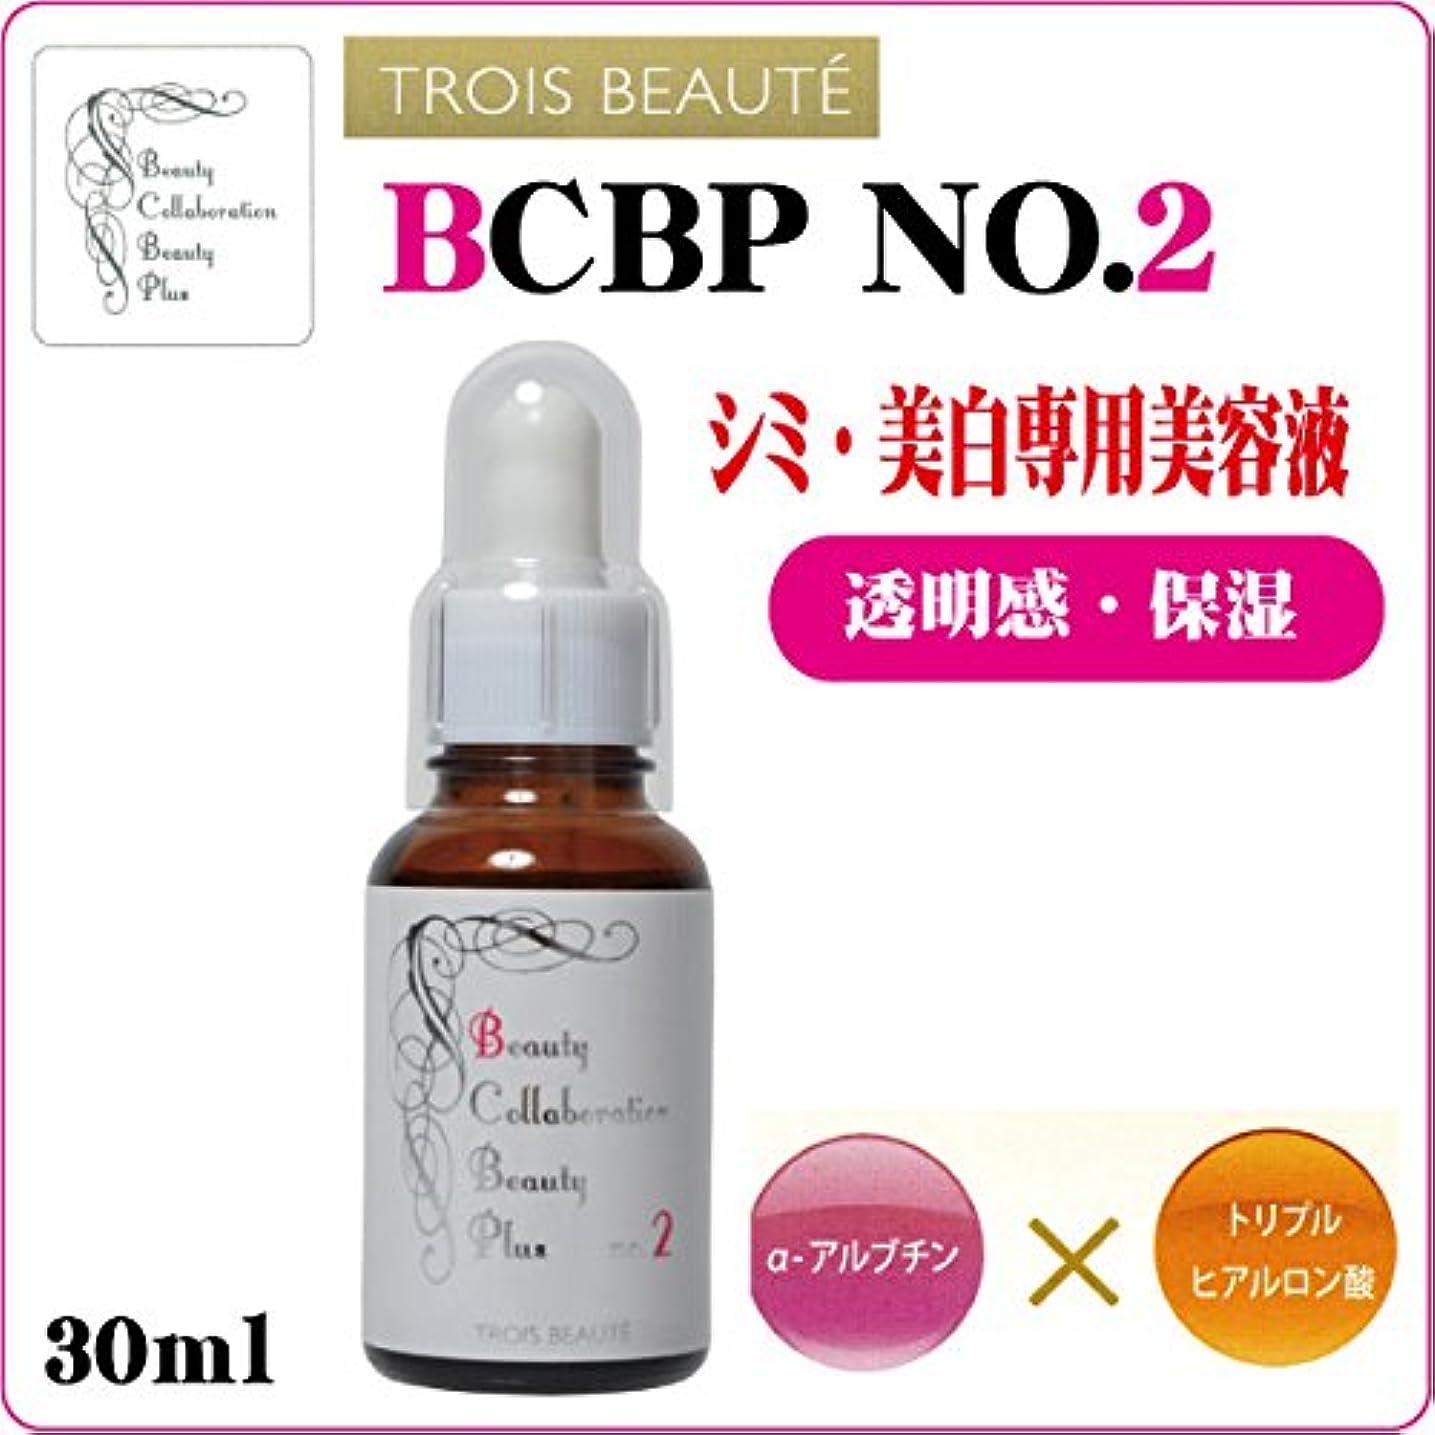 おとこカメラ人物BCBP no.2 αアルブチン+ヒアルロン酸 30ml